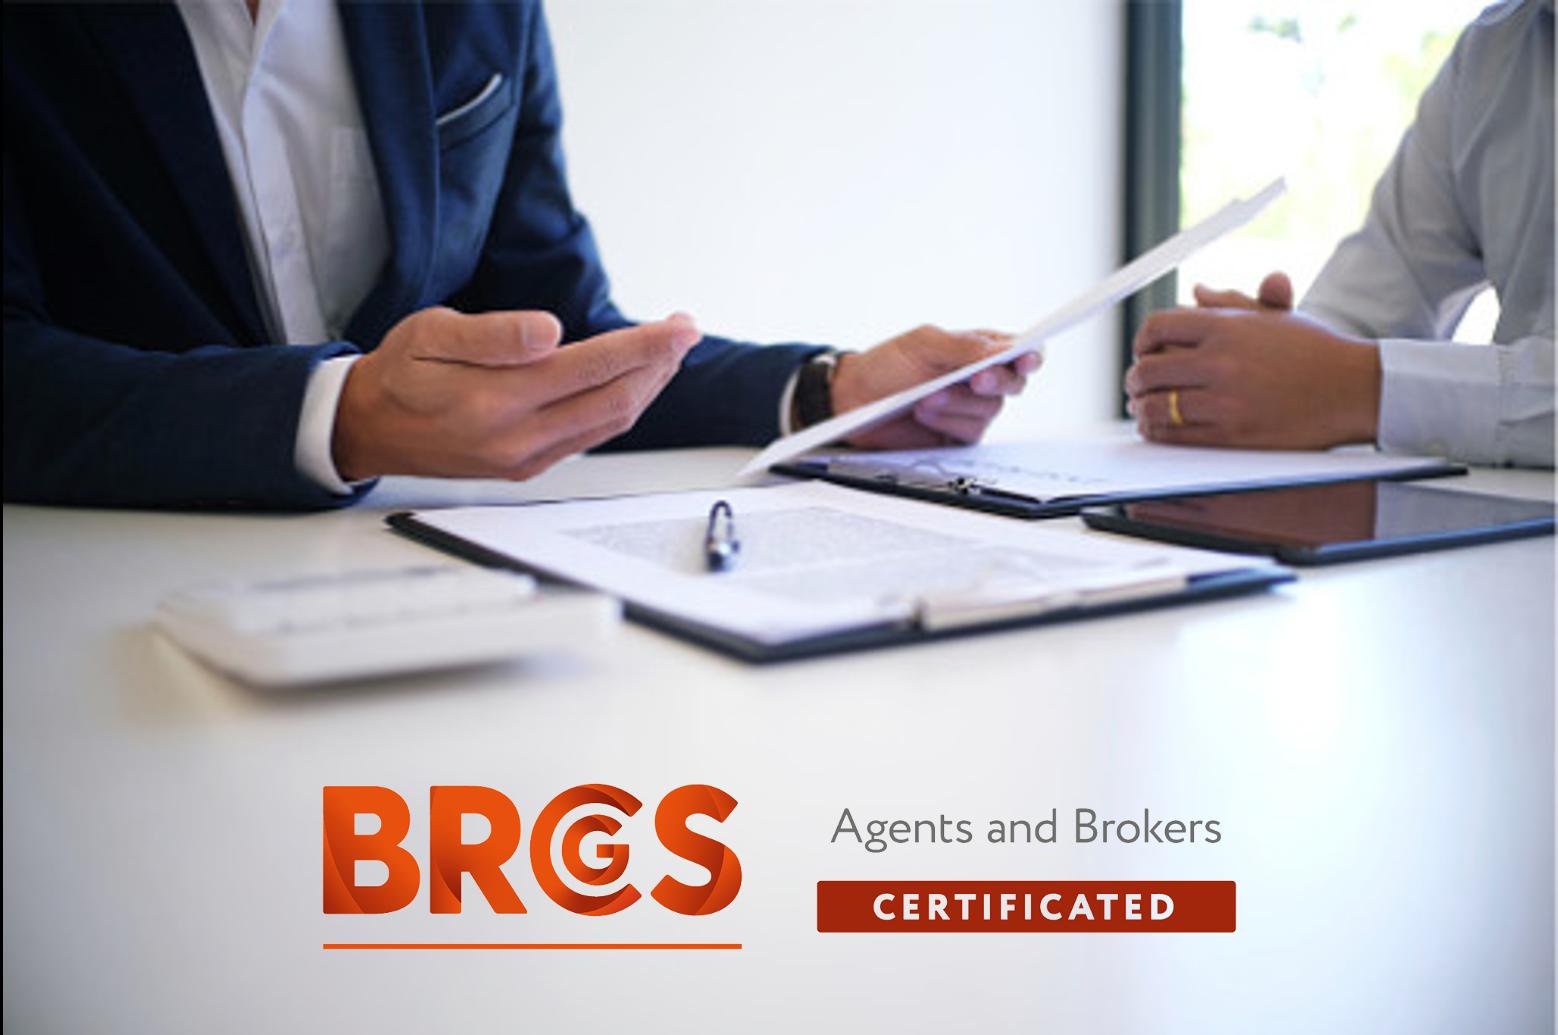 Certificazione Brcgs Agents E Brokers Versione 3 Mv Consulting 3